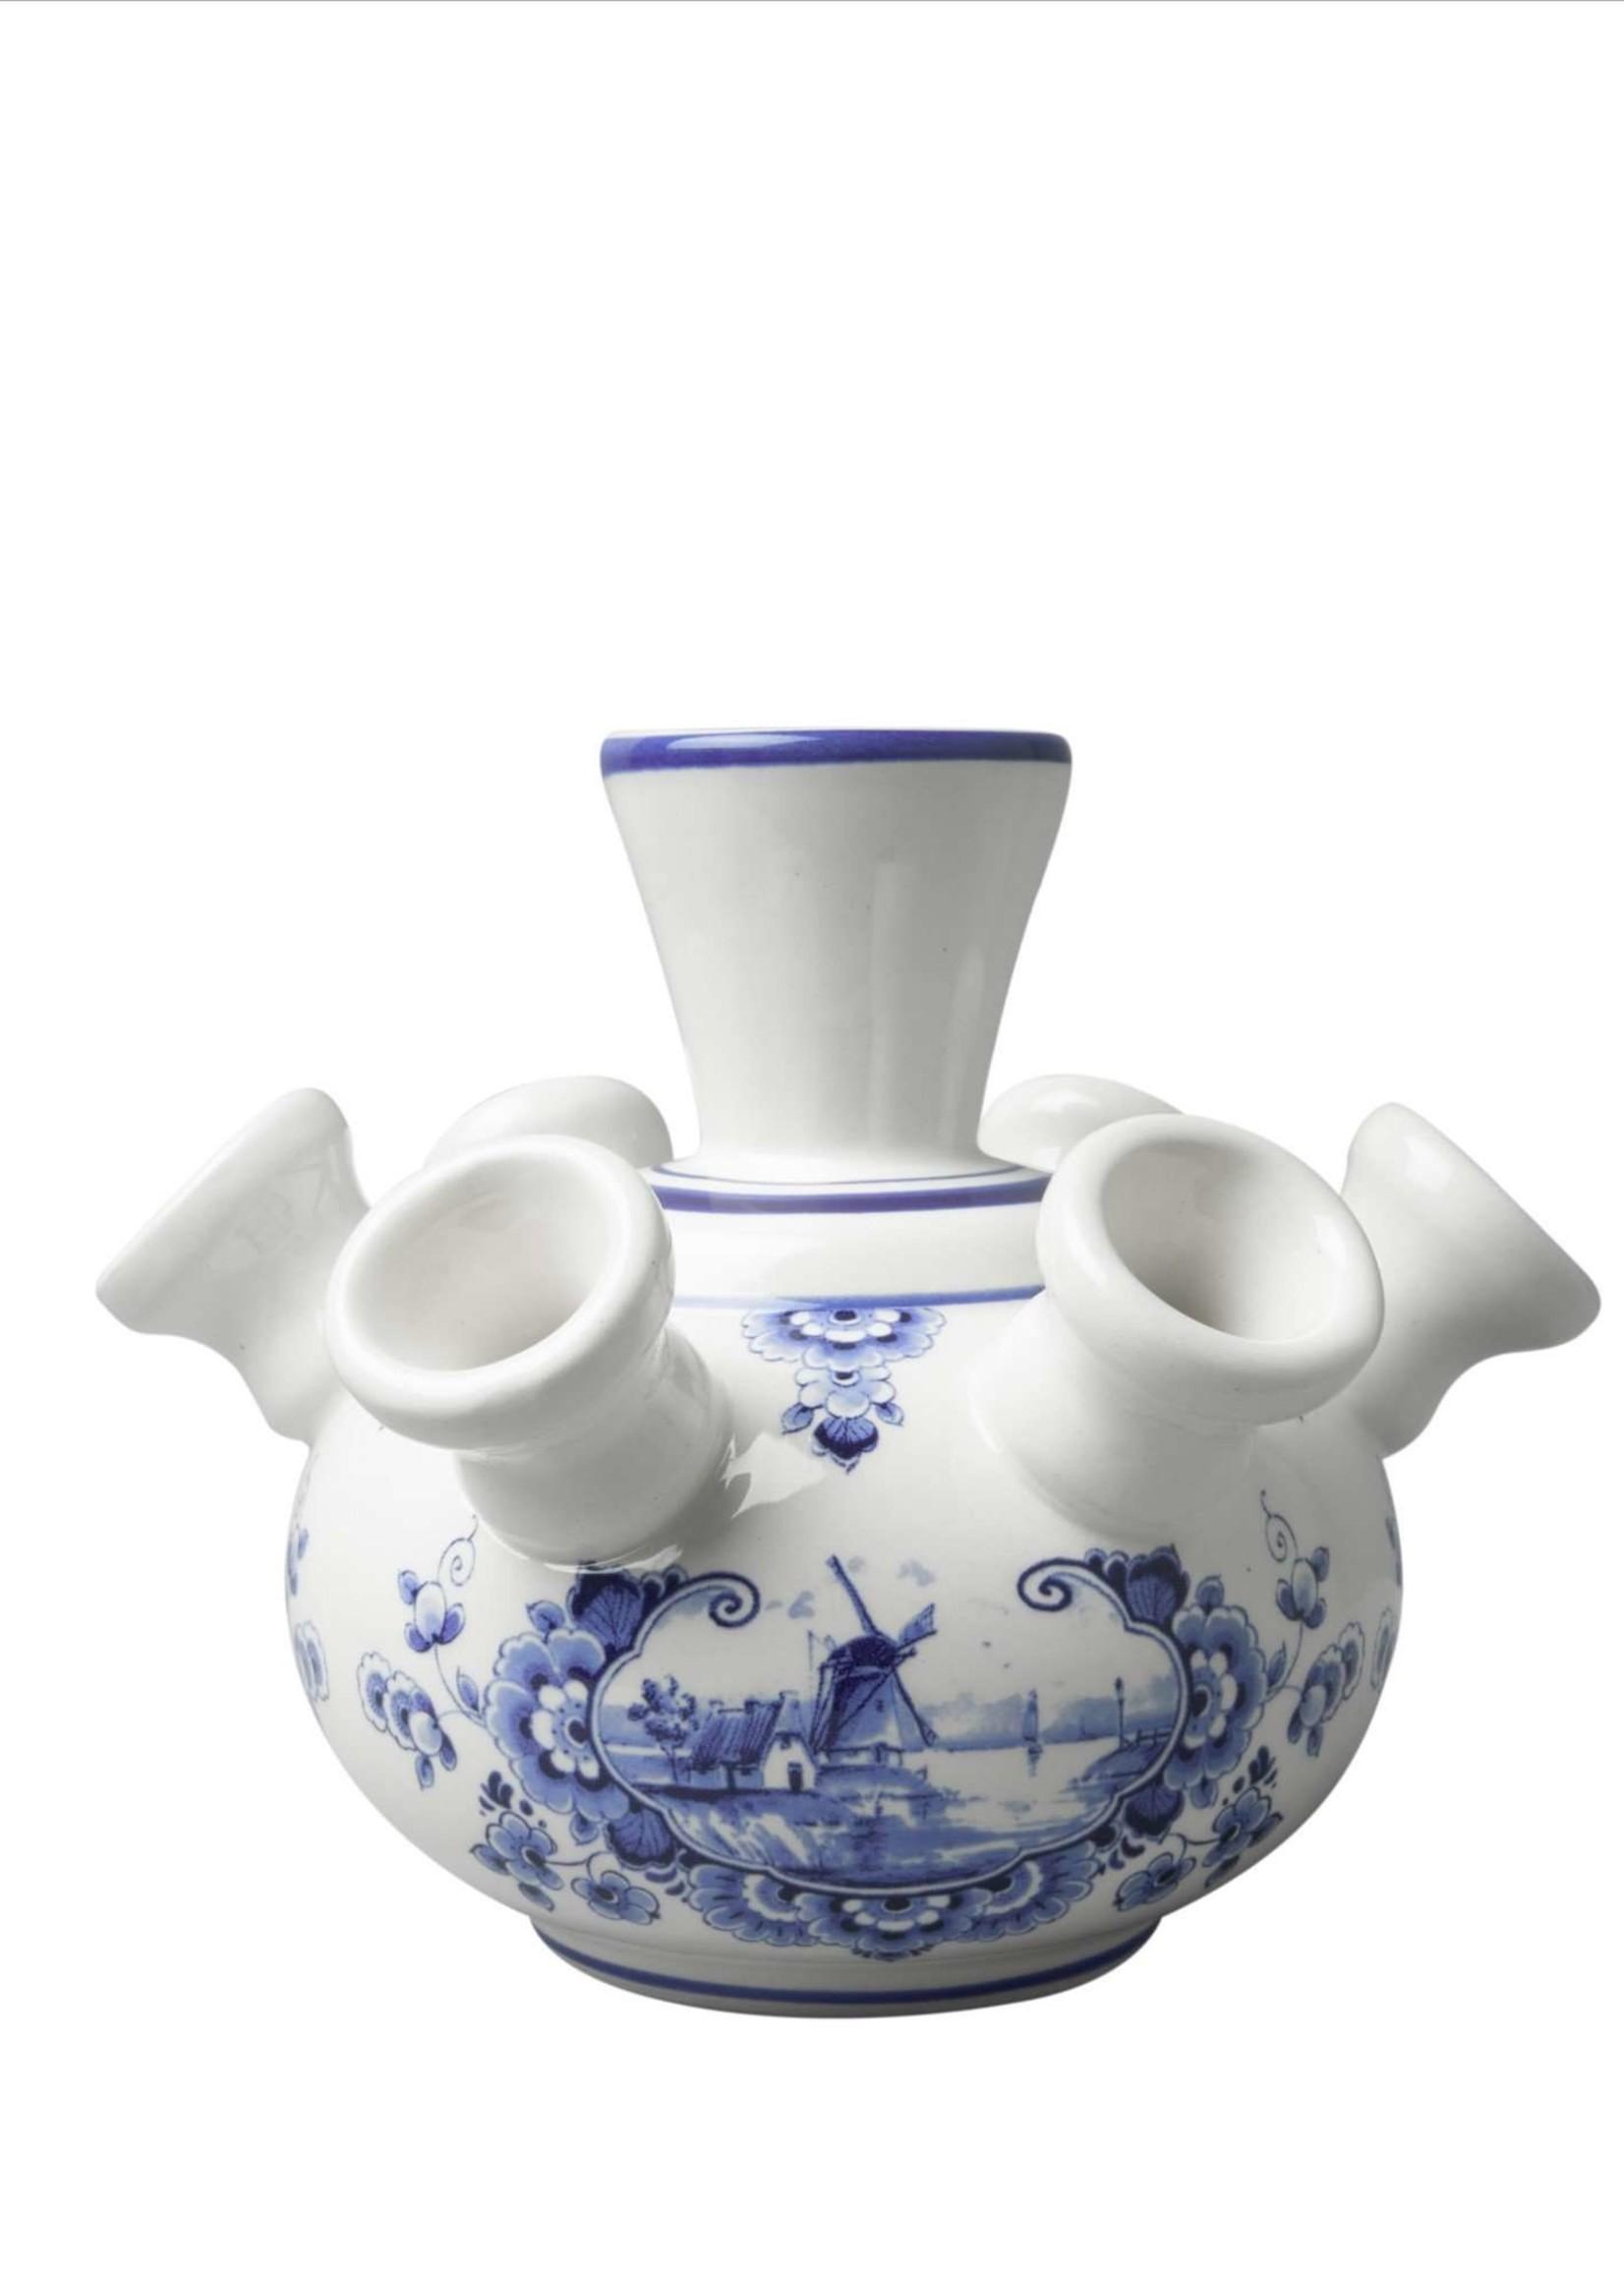 Heinen Delfts Blauw Delfts Blauwe Tulpen Vaas, Windmolen Design, Klein